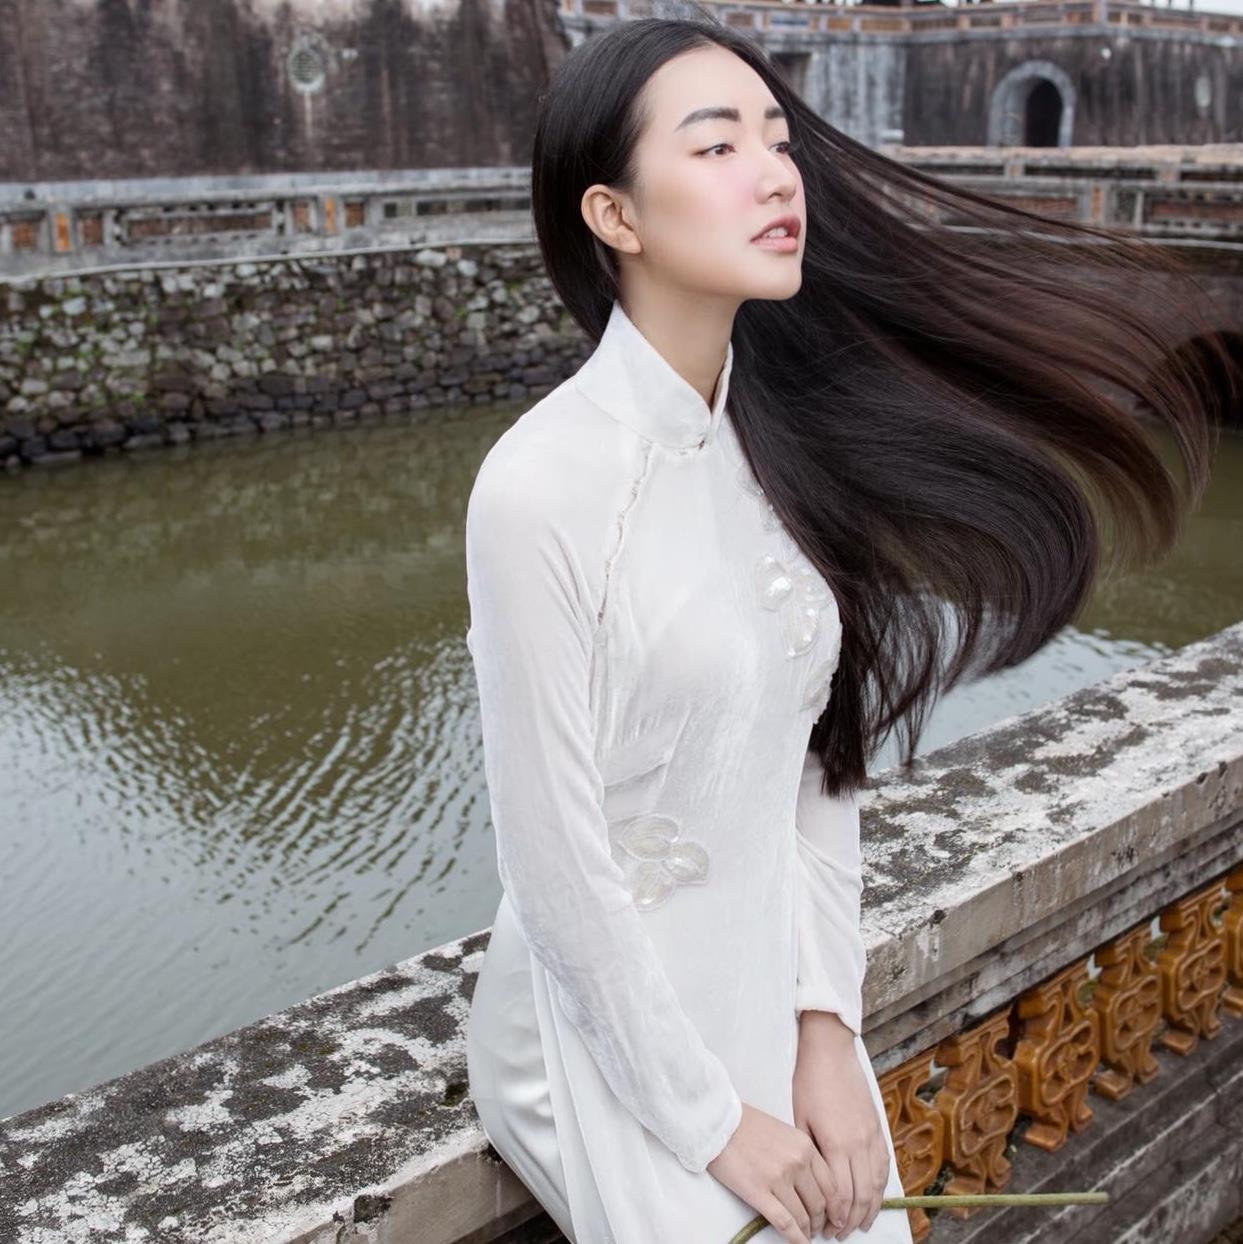 Các cô gái Huế xinh đẹp, sang chảnh toàn Á hậu, người mẫu nổi tiếng Ảnh 3